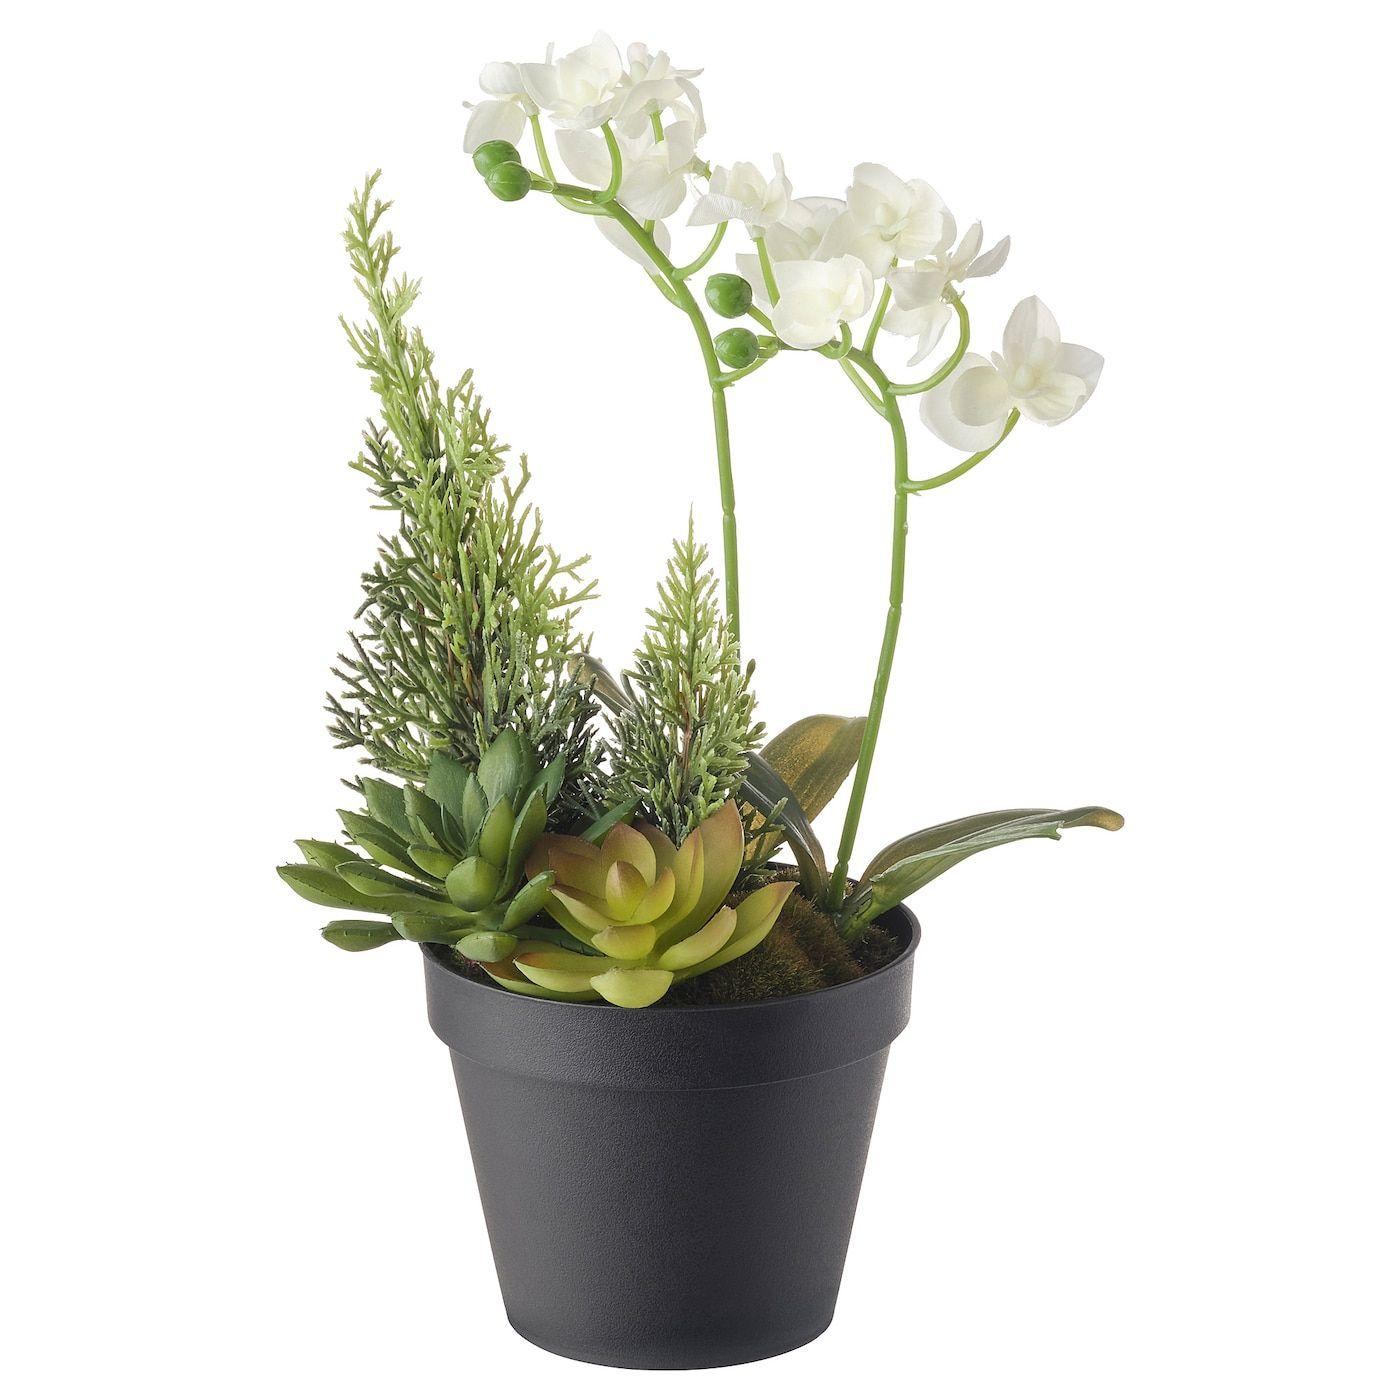 IKEA VINTERFEST Arrangement, Orchid White Artificial